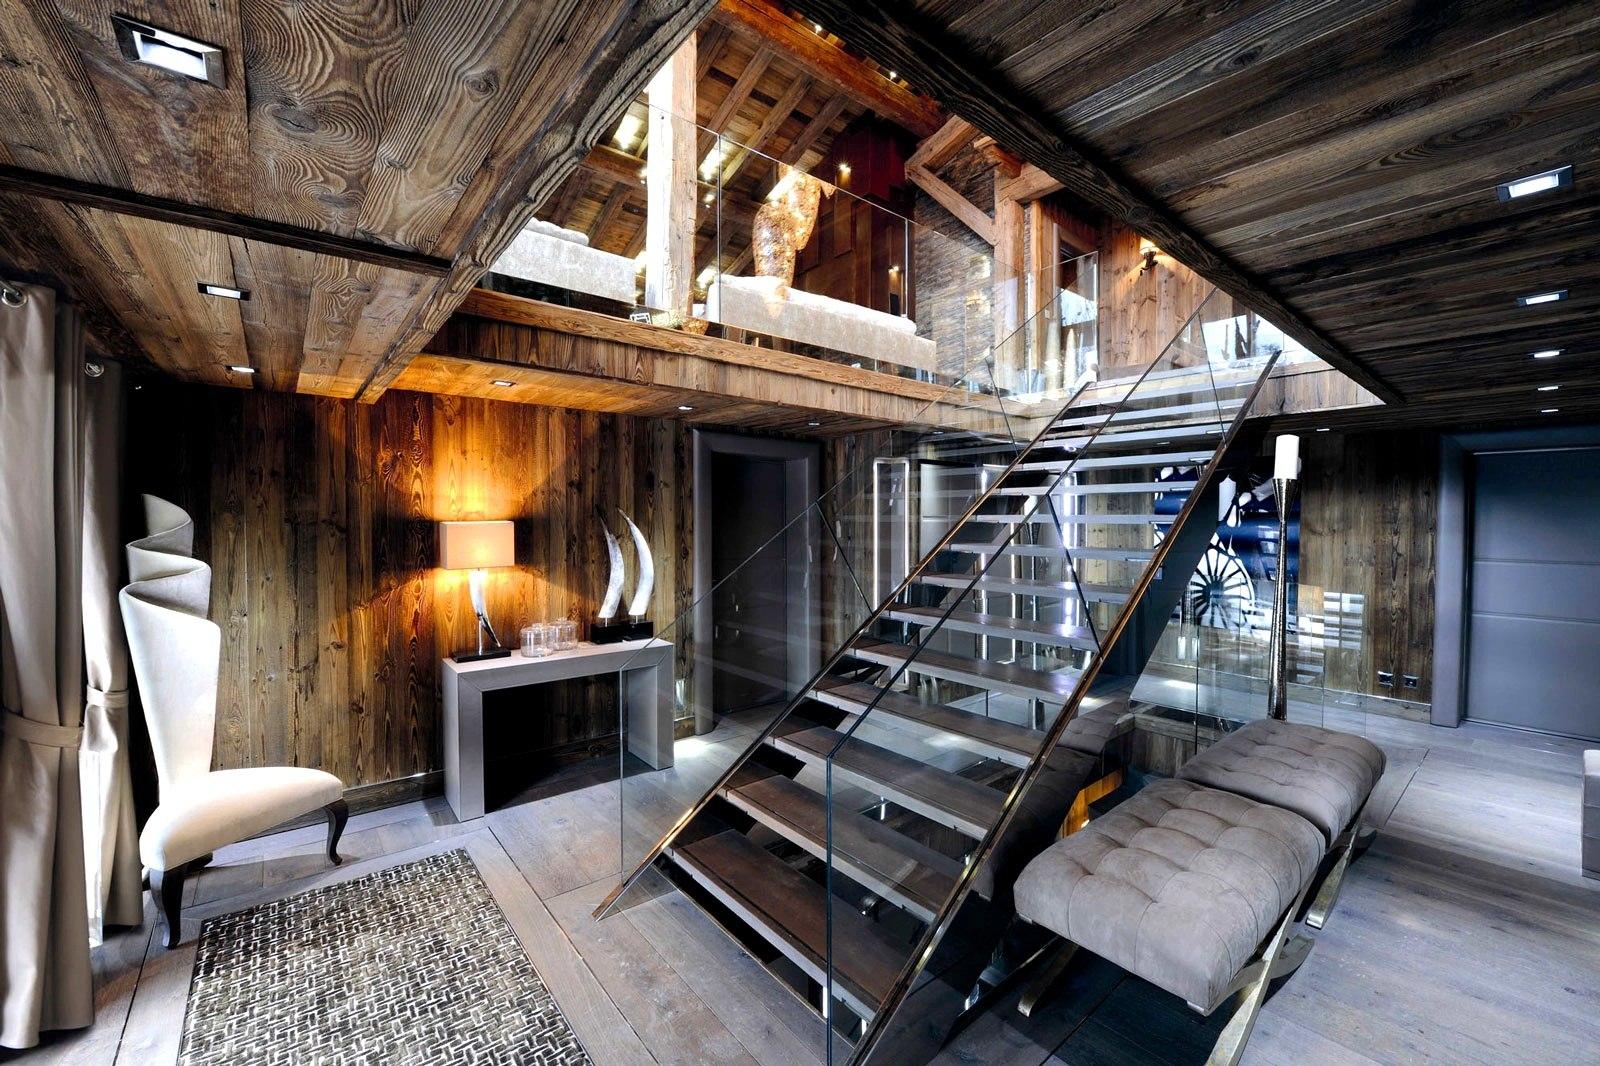 escaliers vieux bois